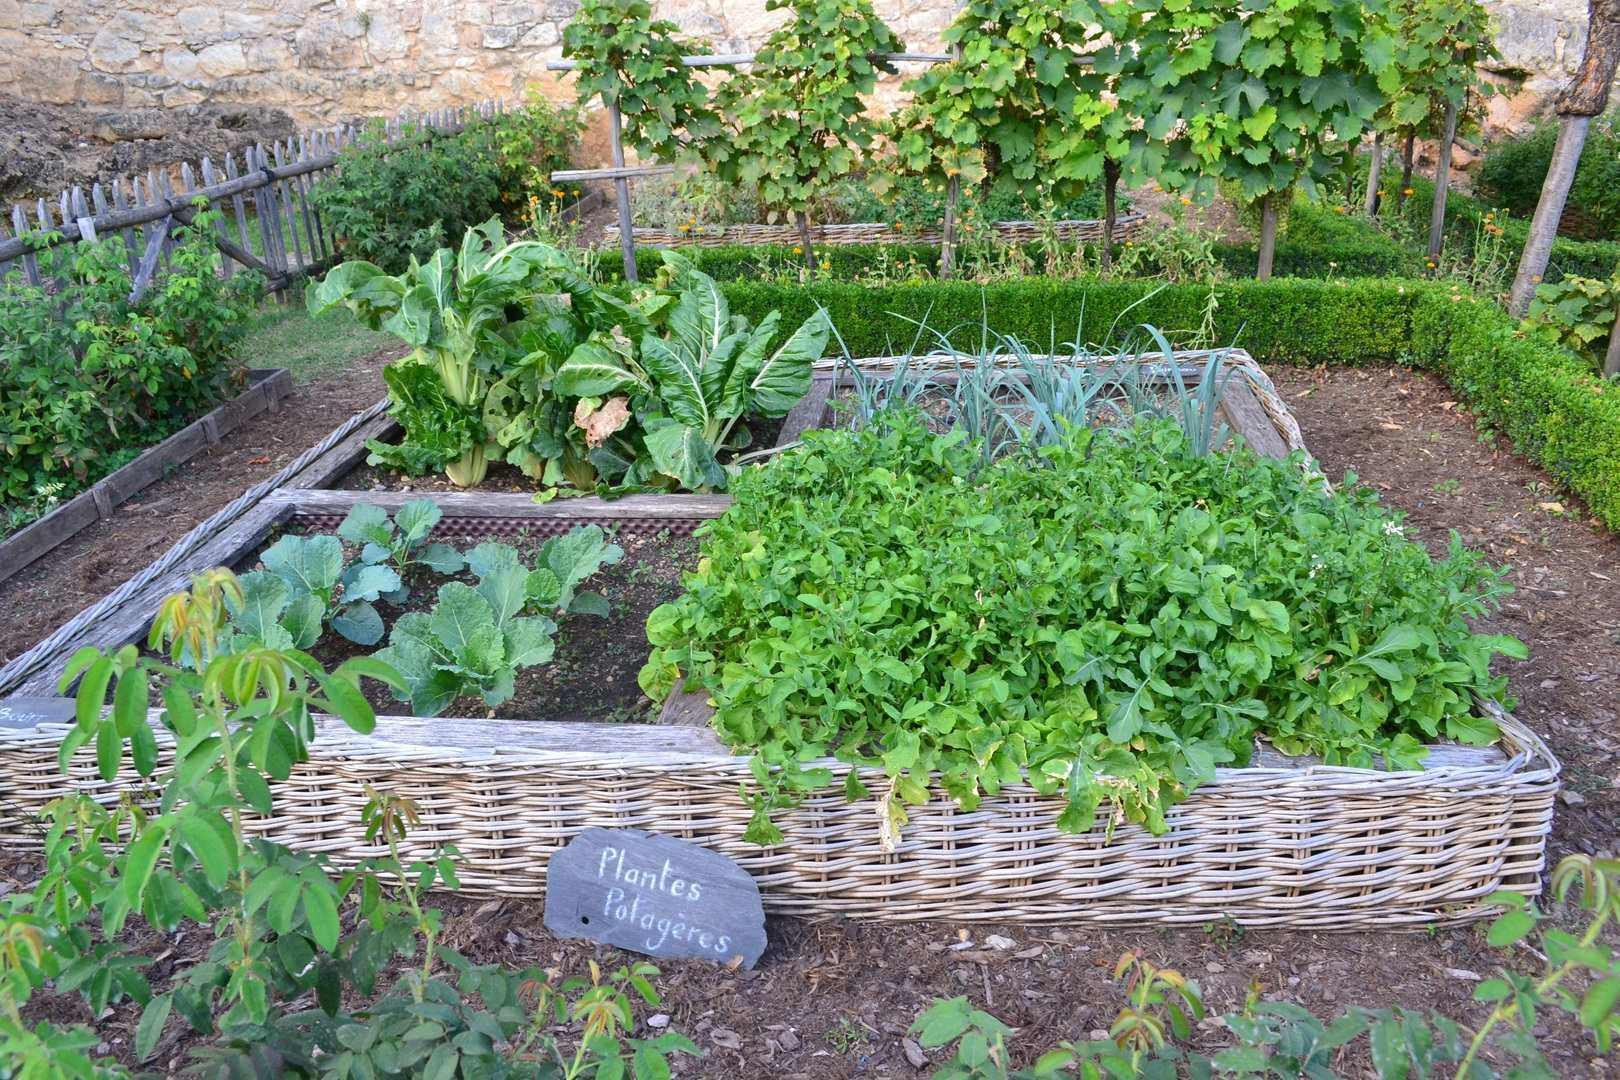 Соседи по грядке: совместимость растений в саду и огороде